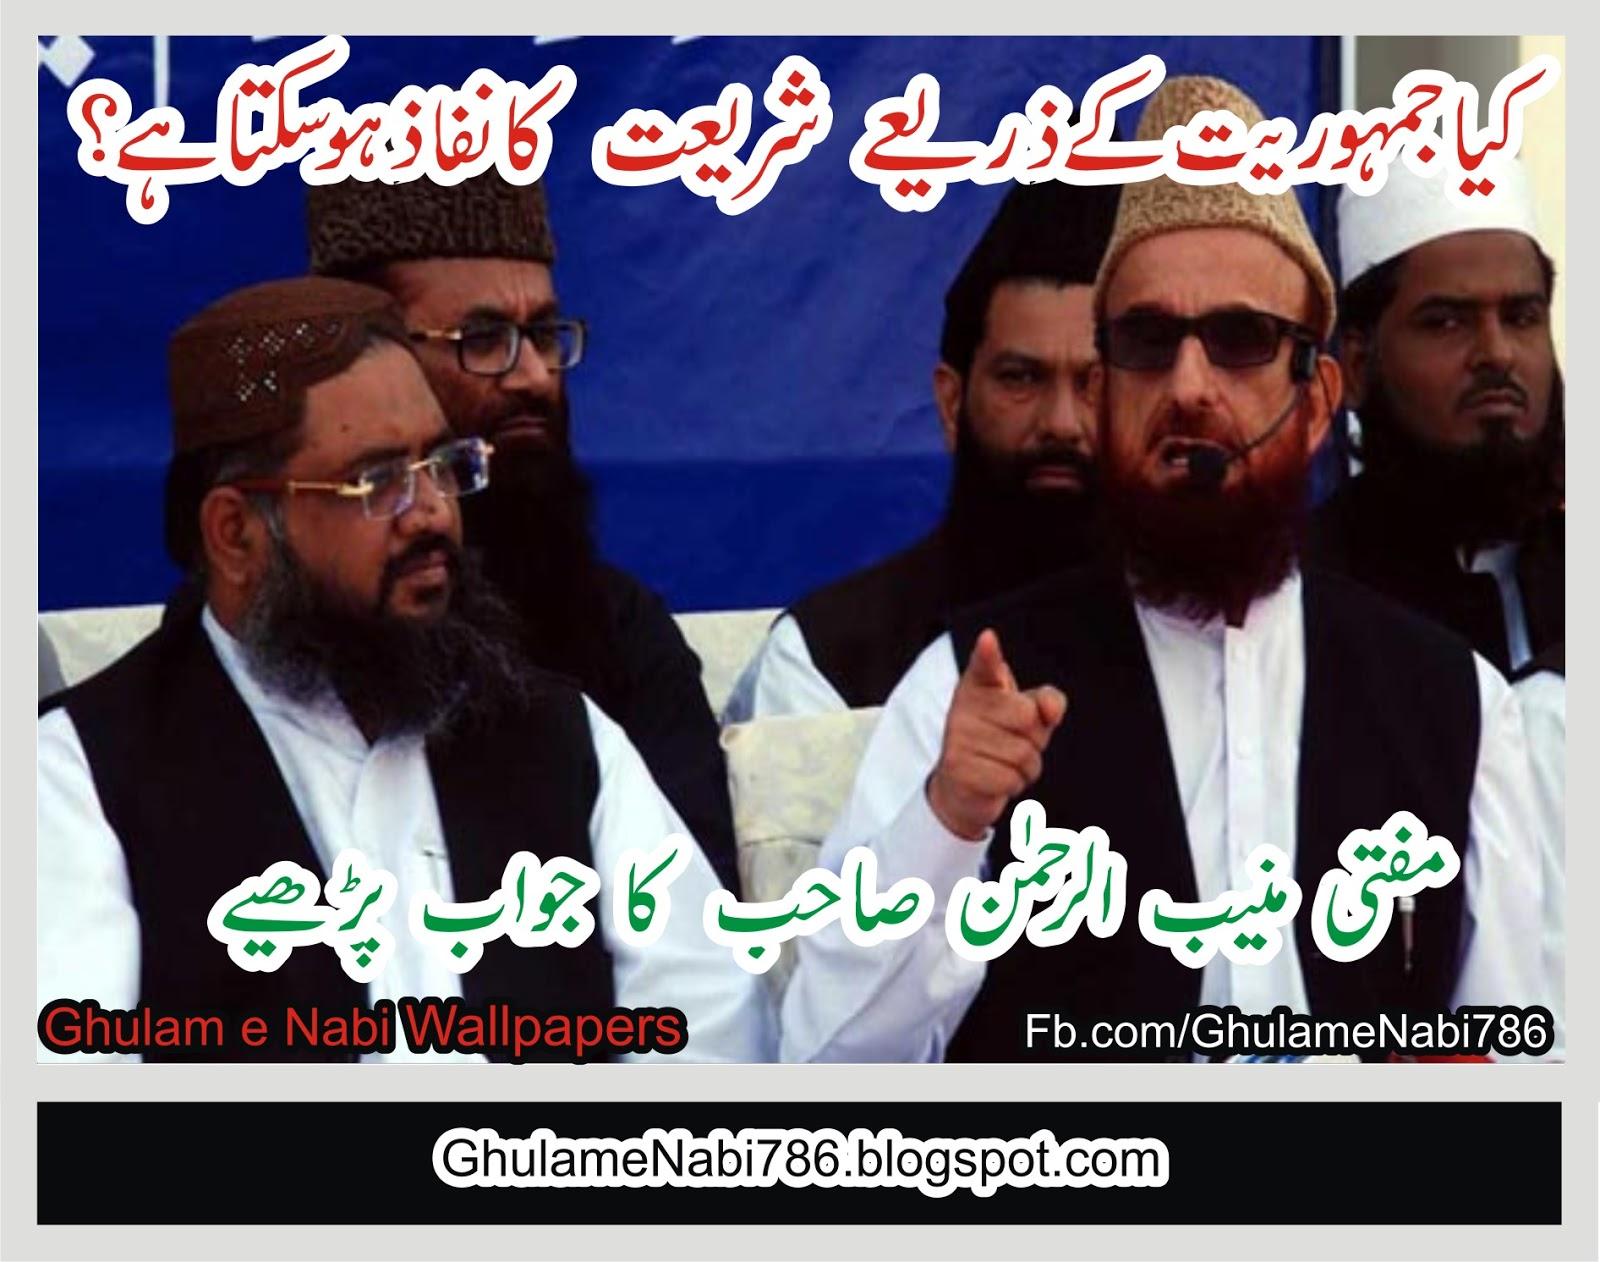 taleem e islam jamhuriyat aur shariyat by mufti jamhuriyat aur shariyat by mufti muneeb ur rehman